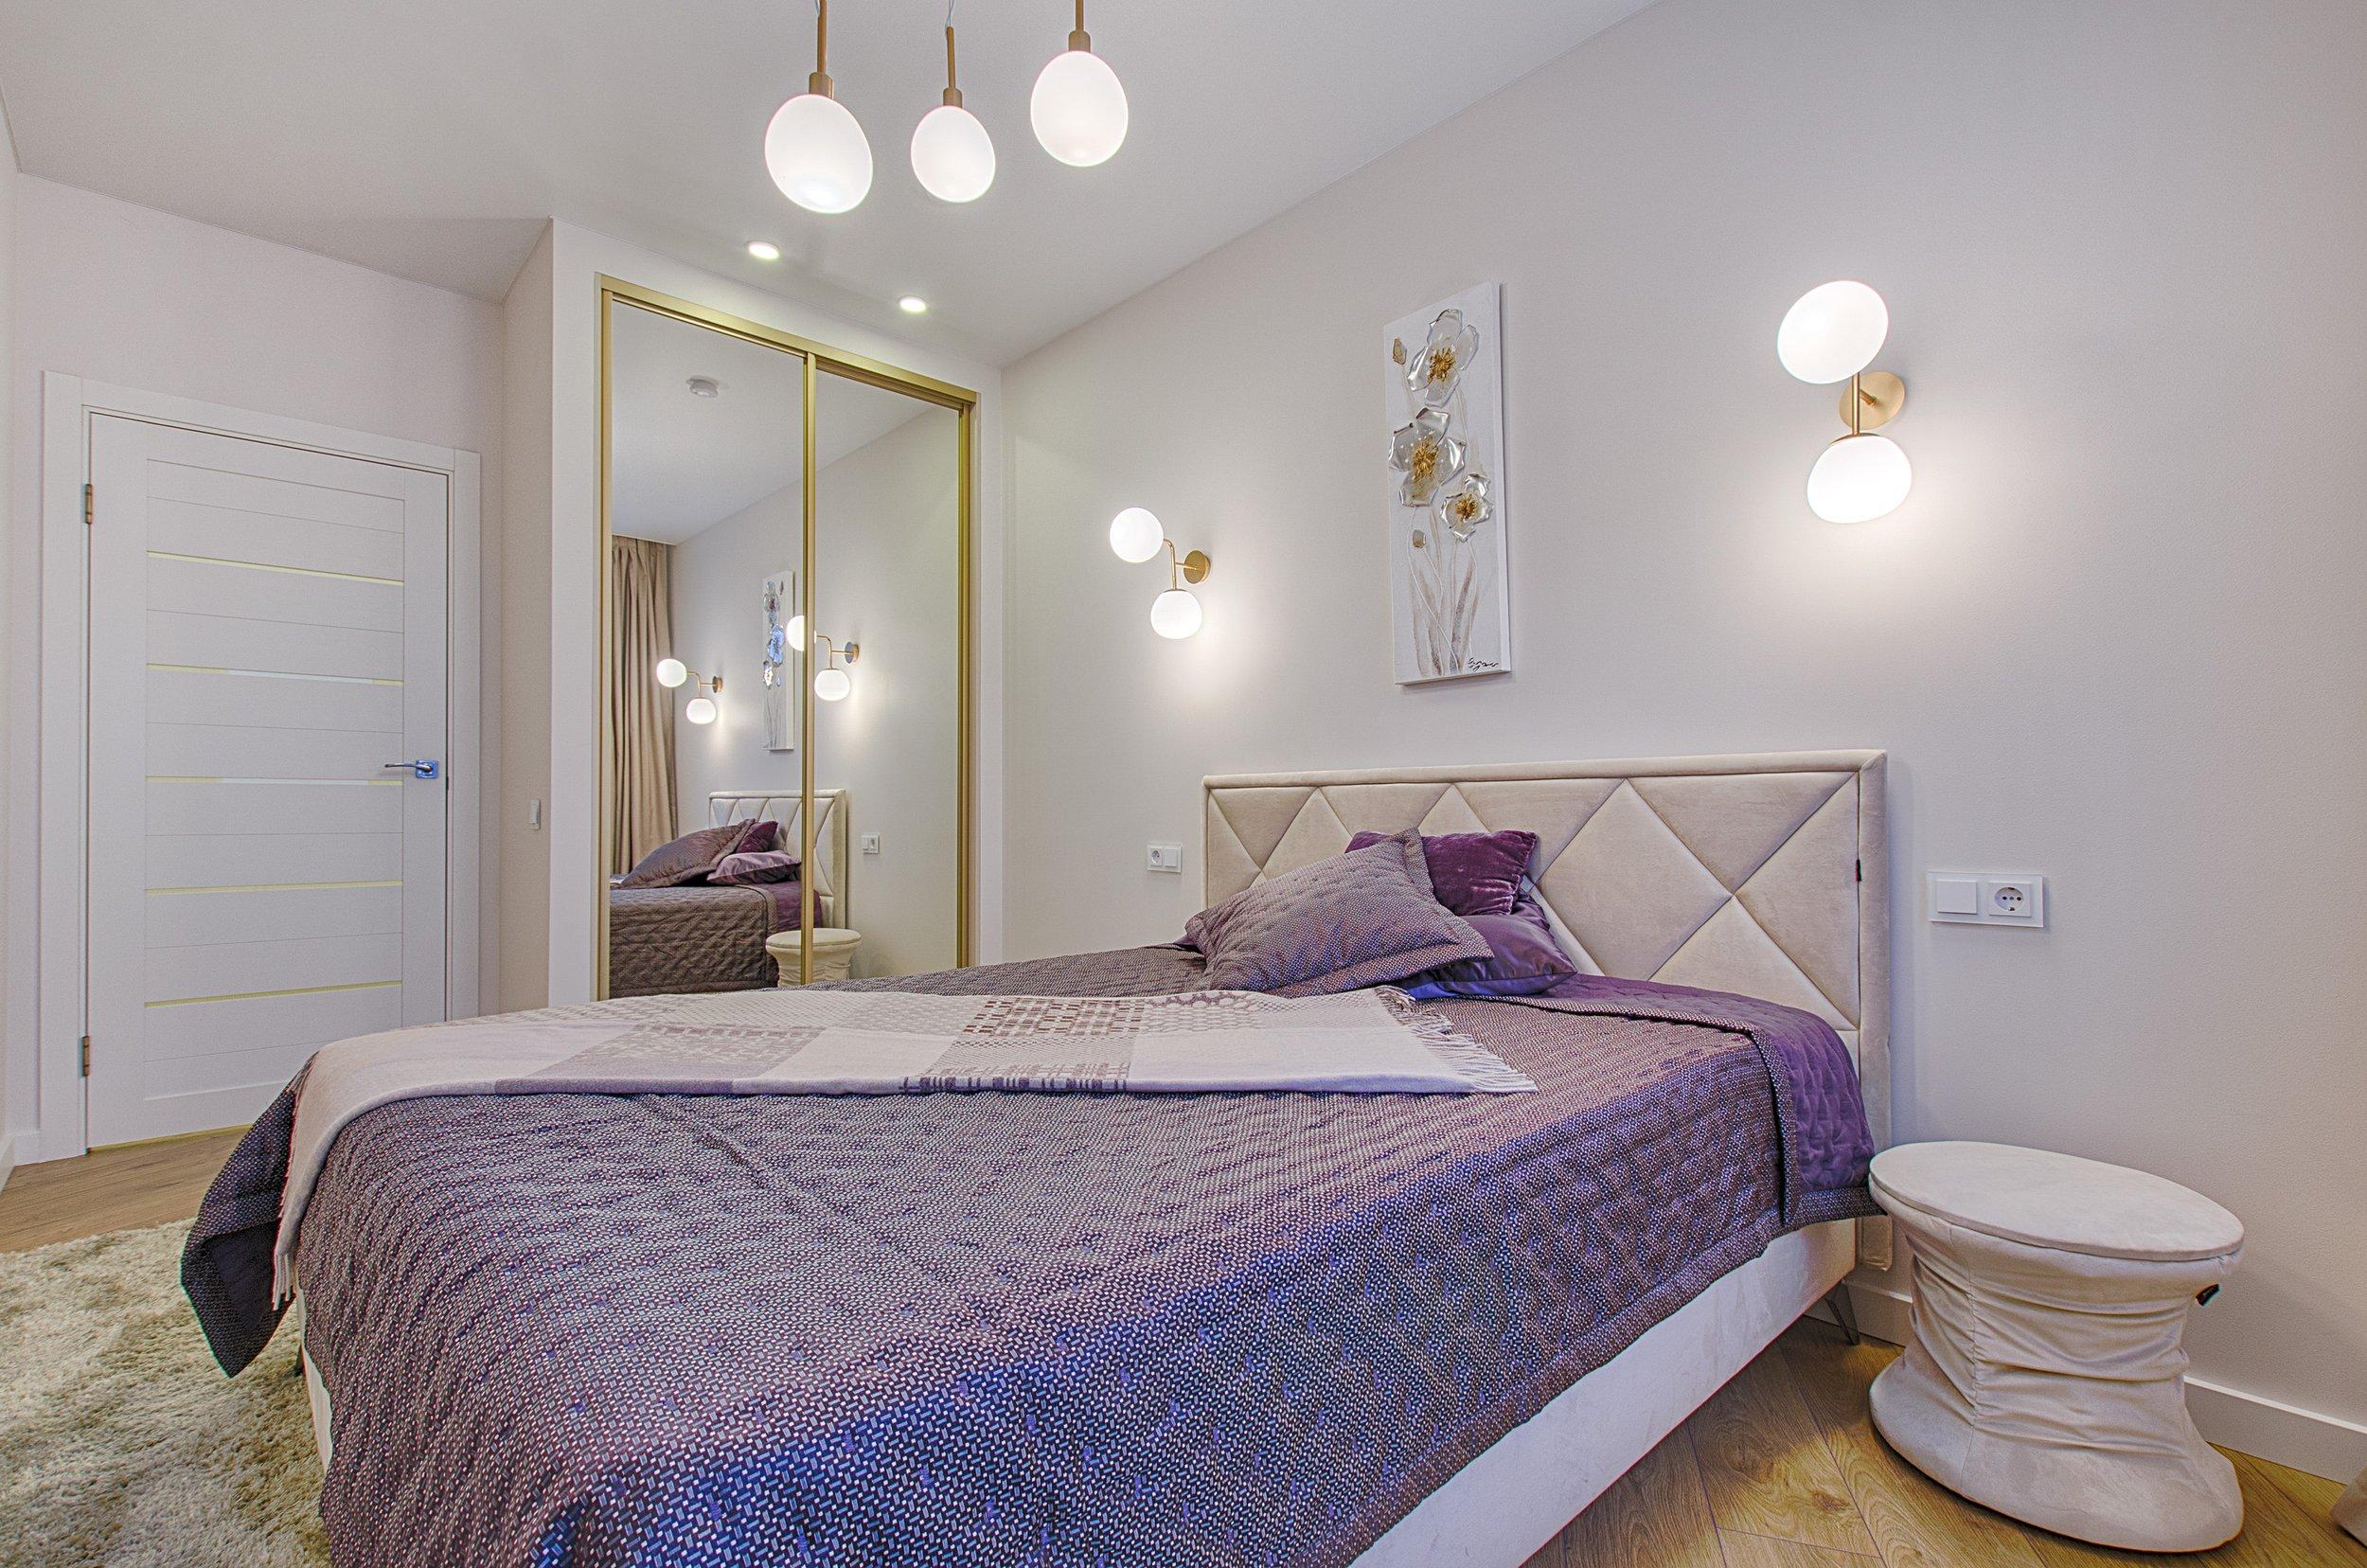 bed-bedroom-blanket-1743231.jpg